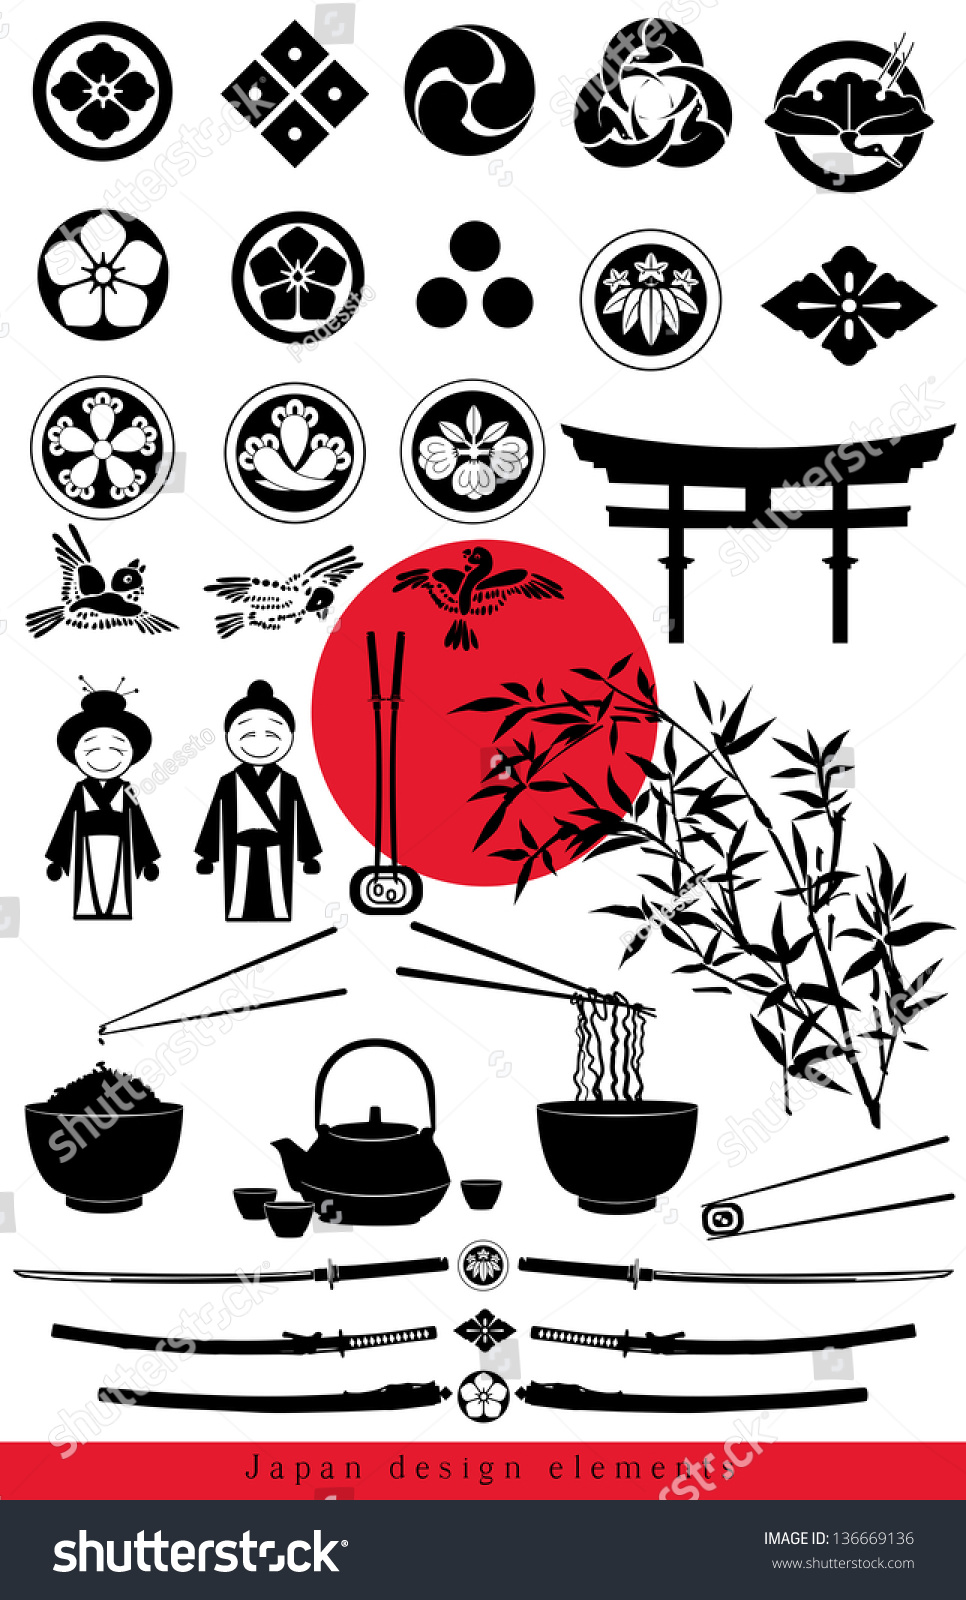 Japanese Design. Motifs On Japanese Pottery Japanese Mon Family ...